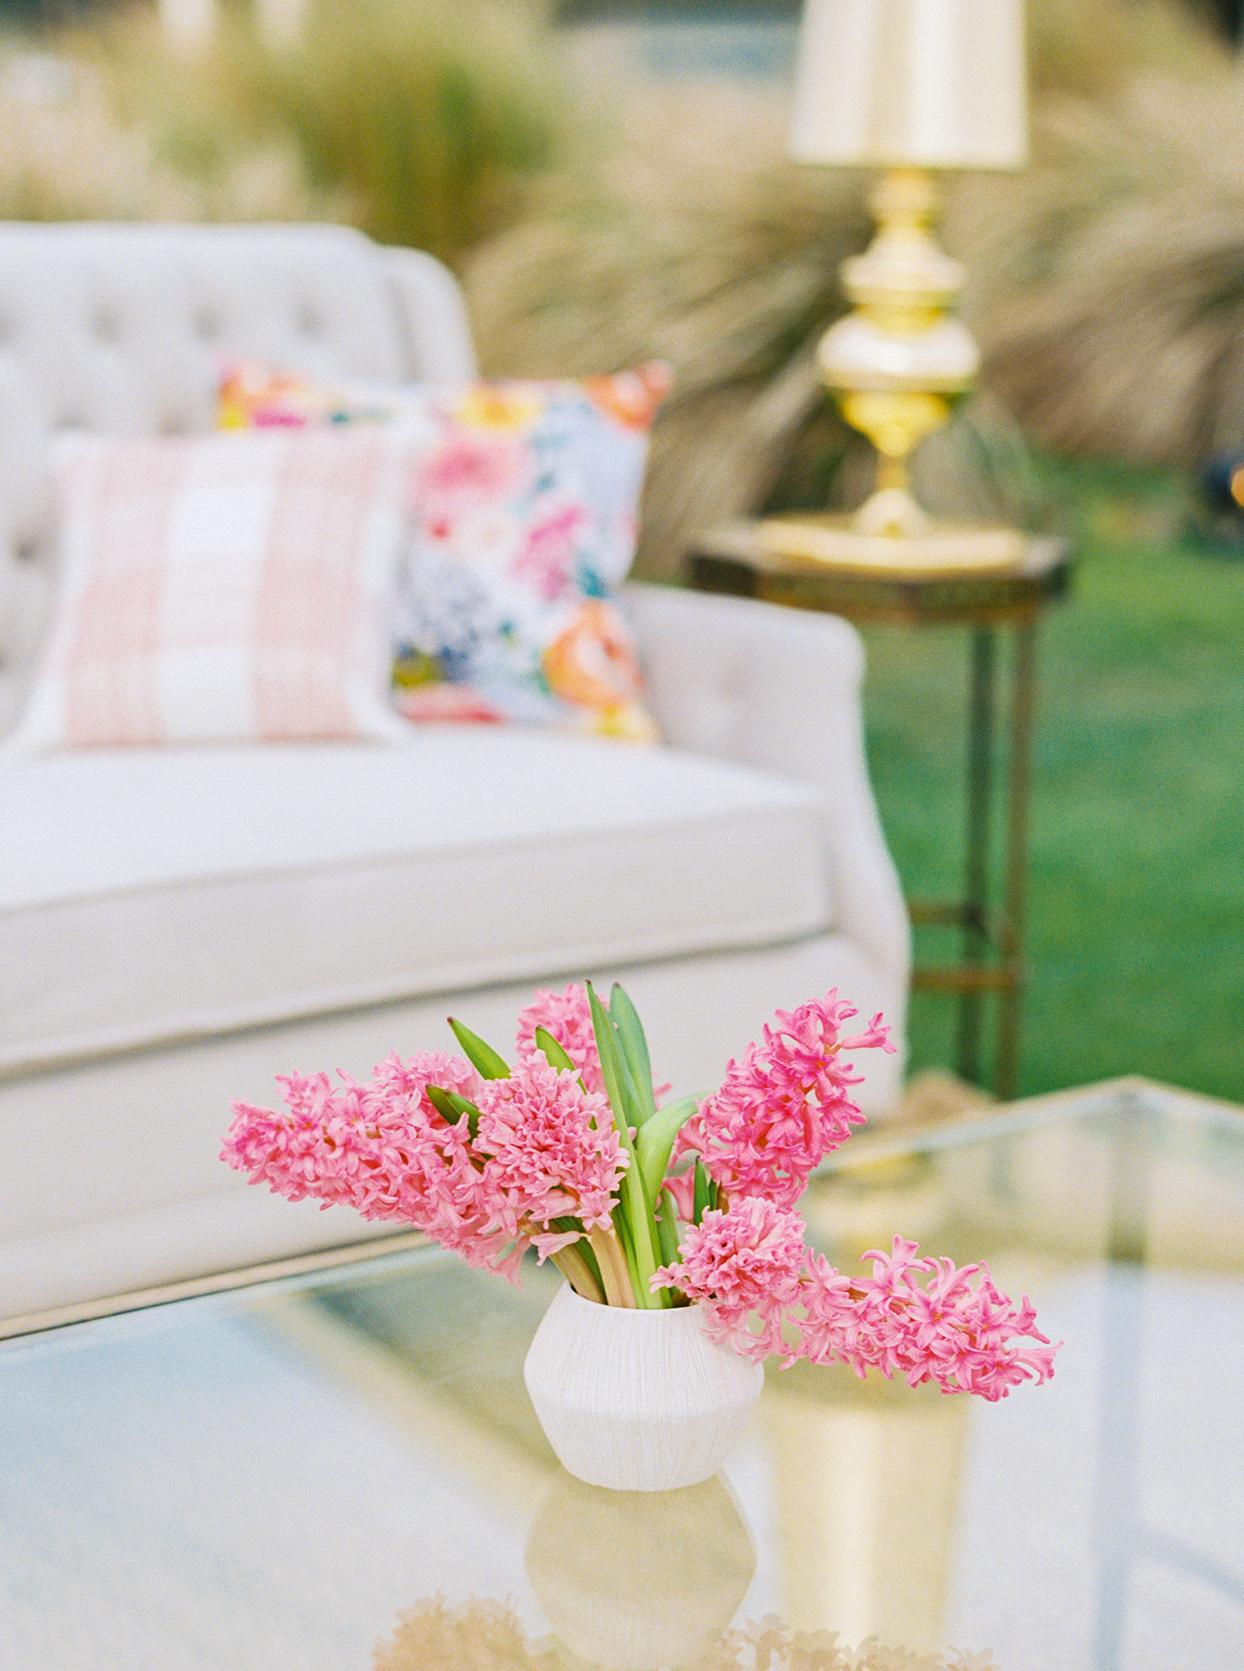 lauren dan wedding pink floral arrangement in lounge area